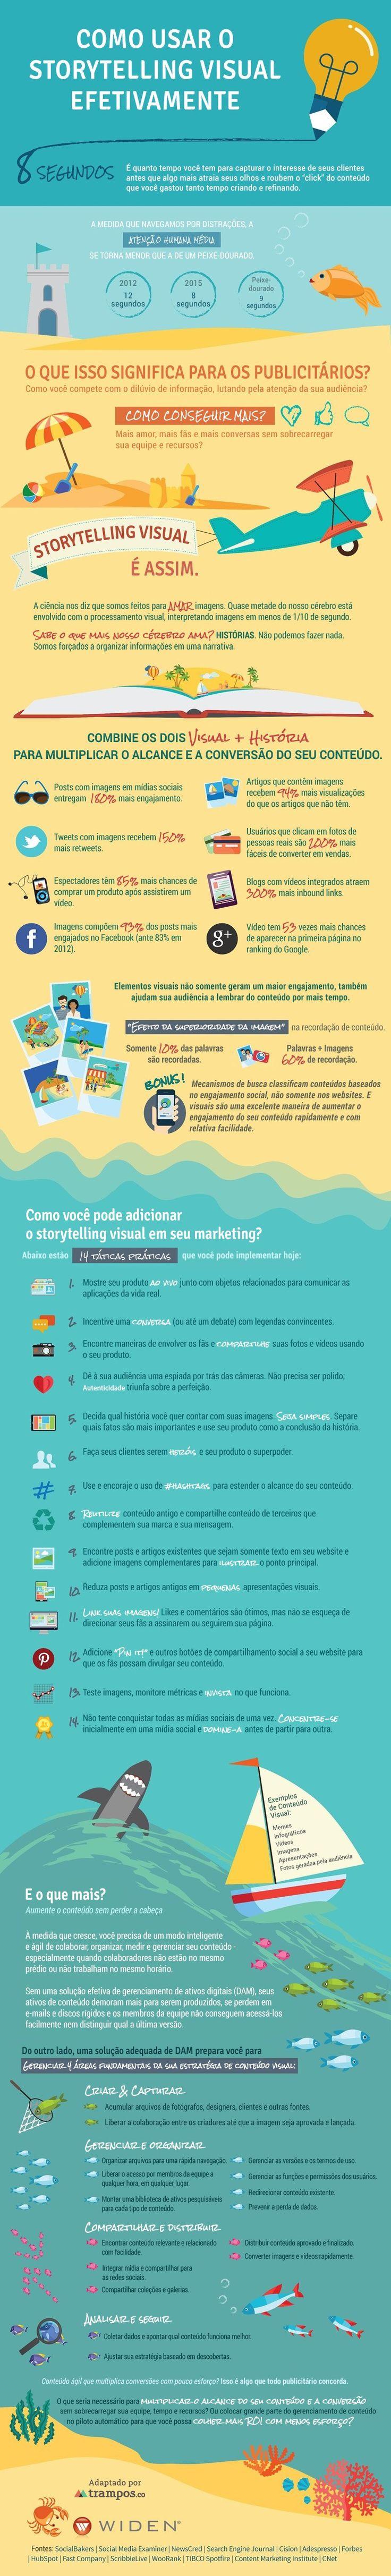 Infográfico: Como se usar o storytelling visual efetivamente